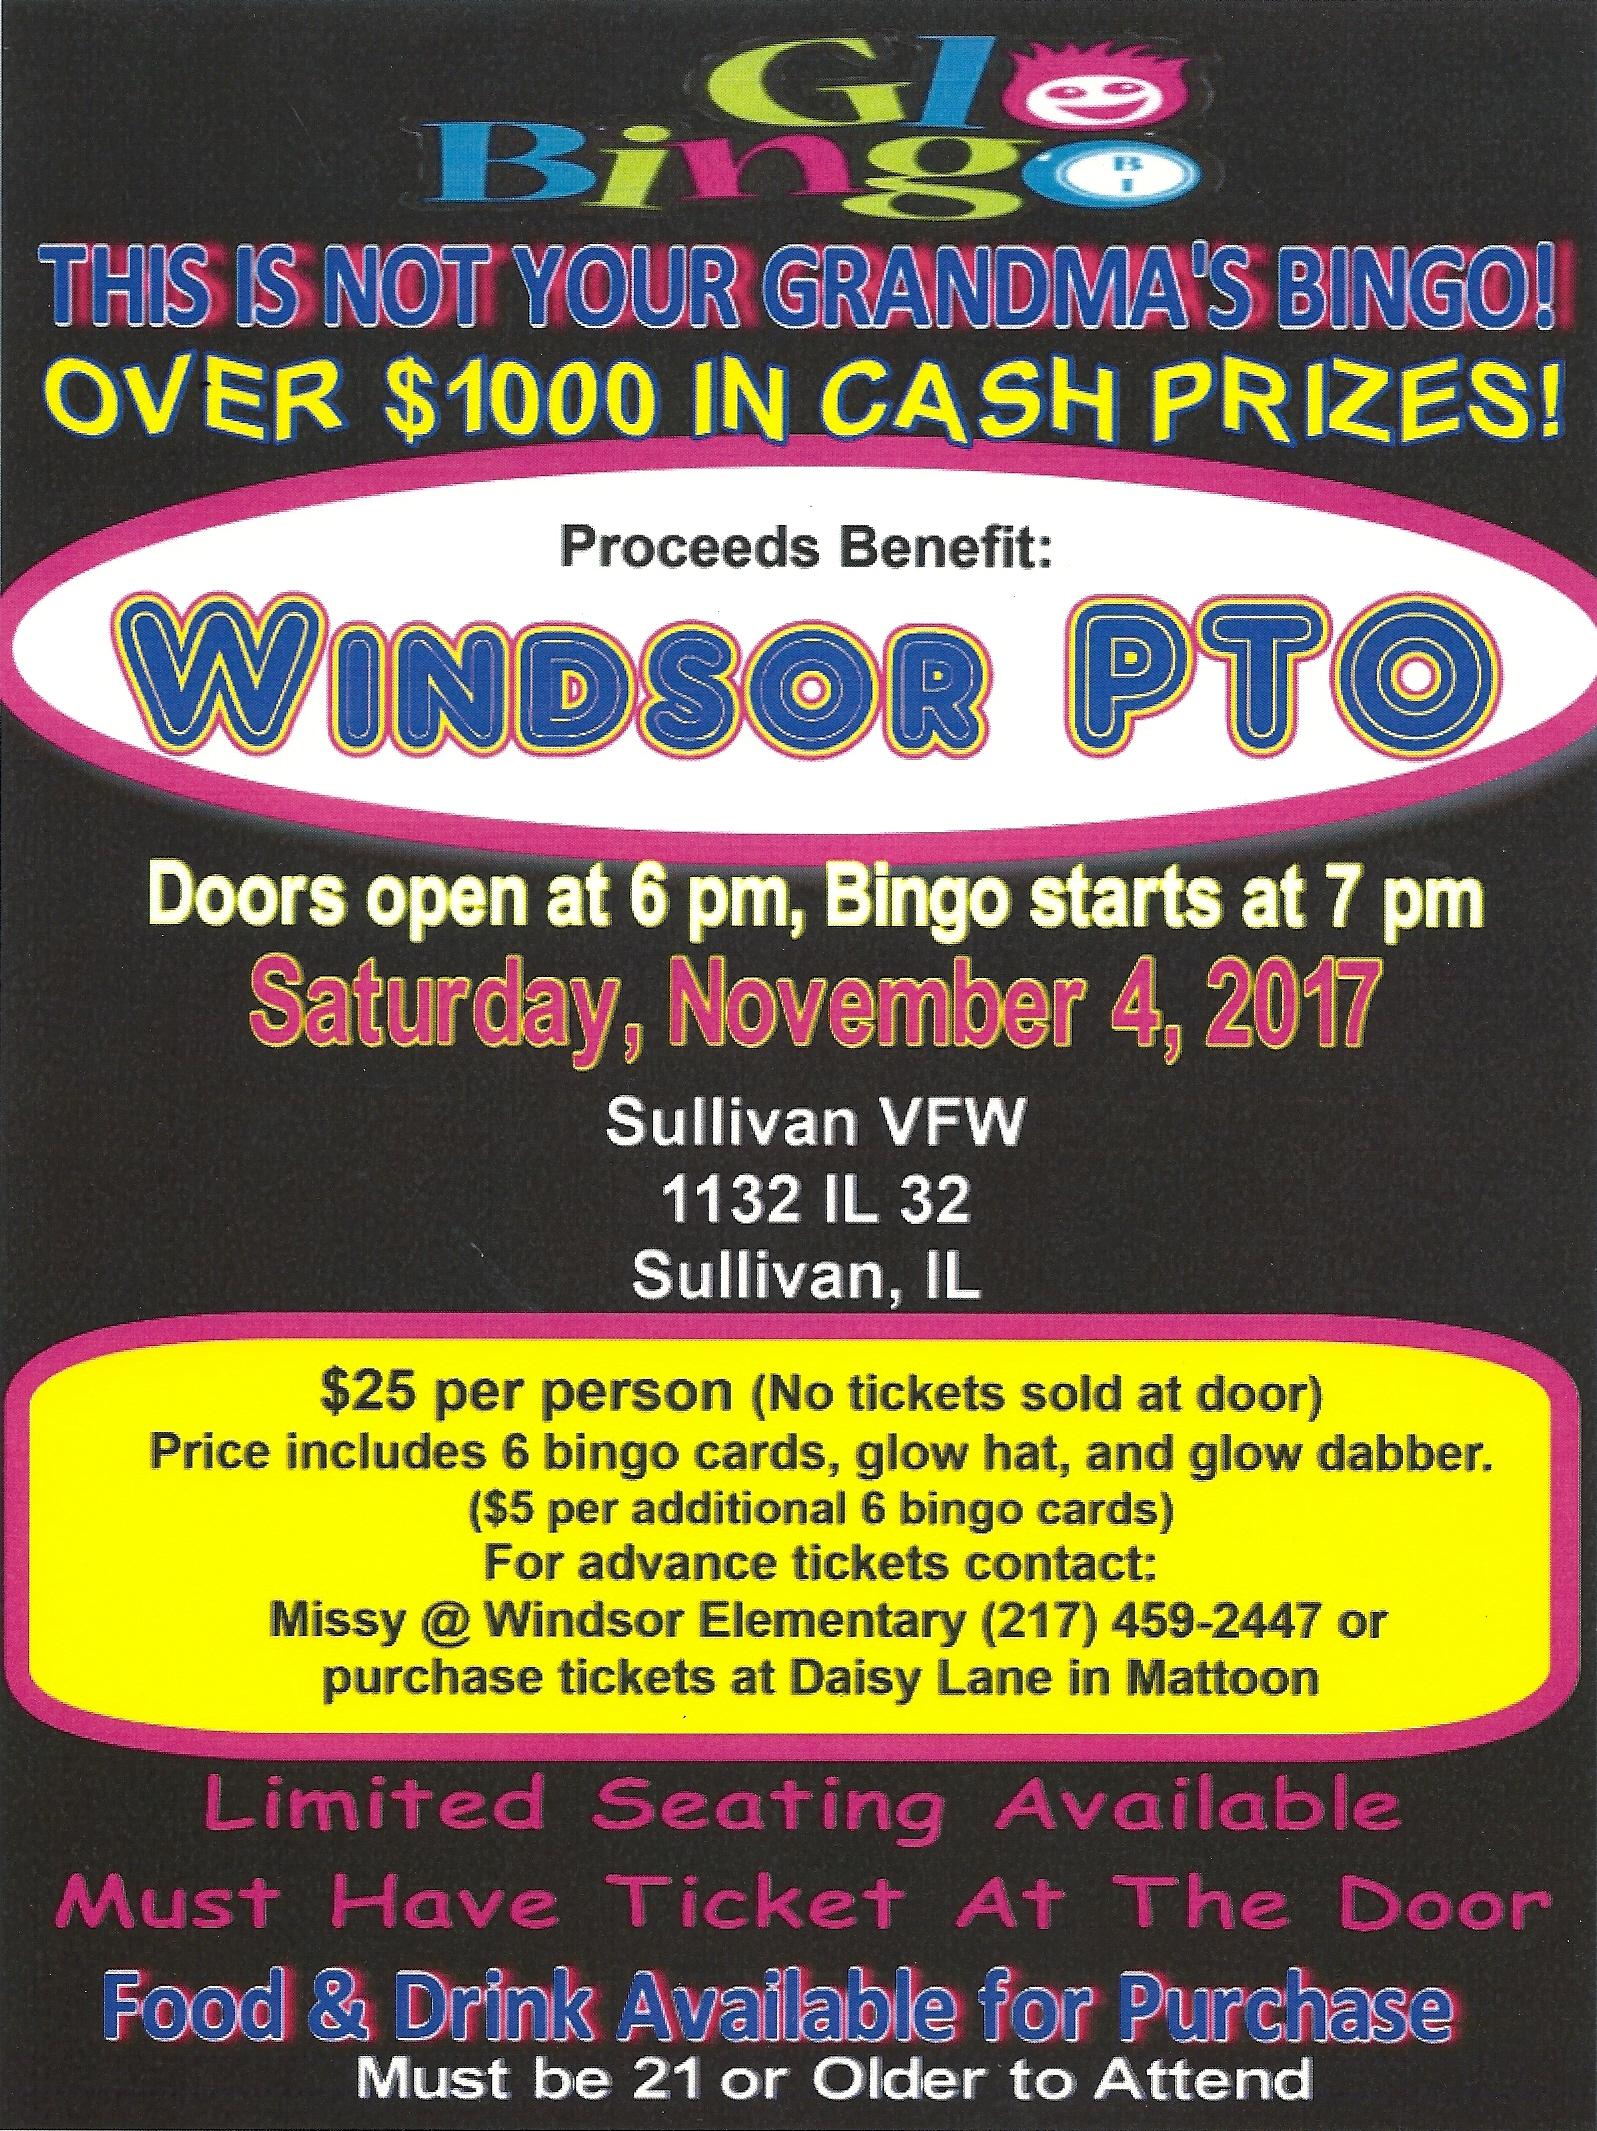 Windsor PTO Glo Bingo